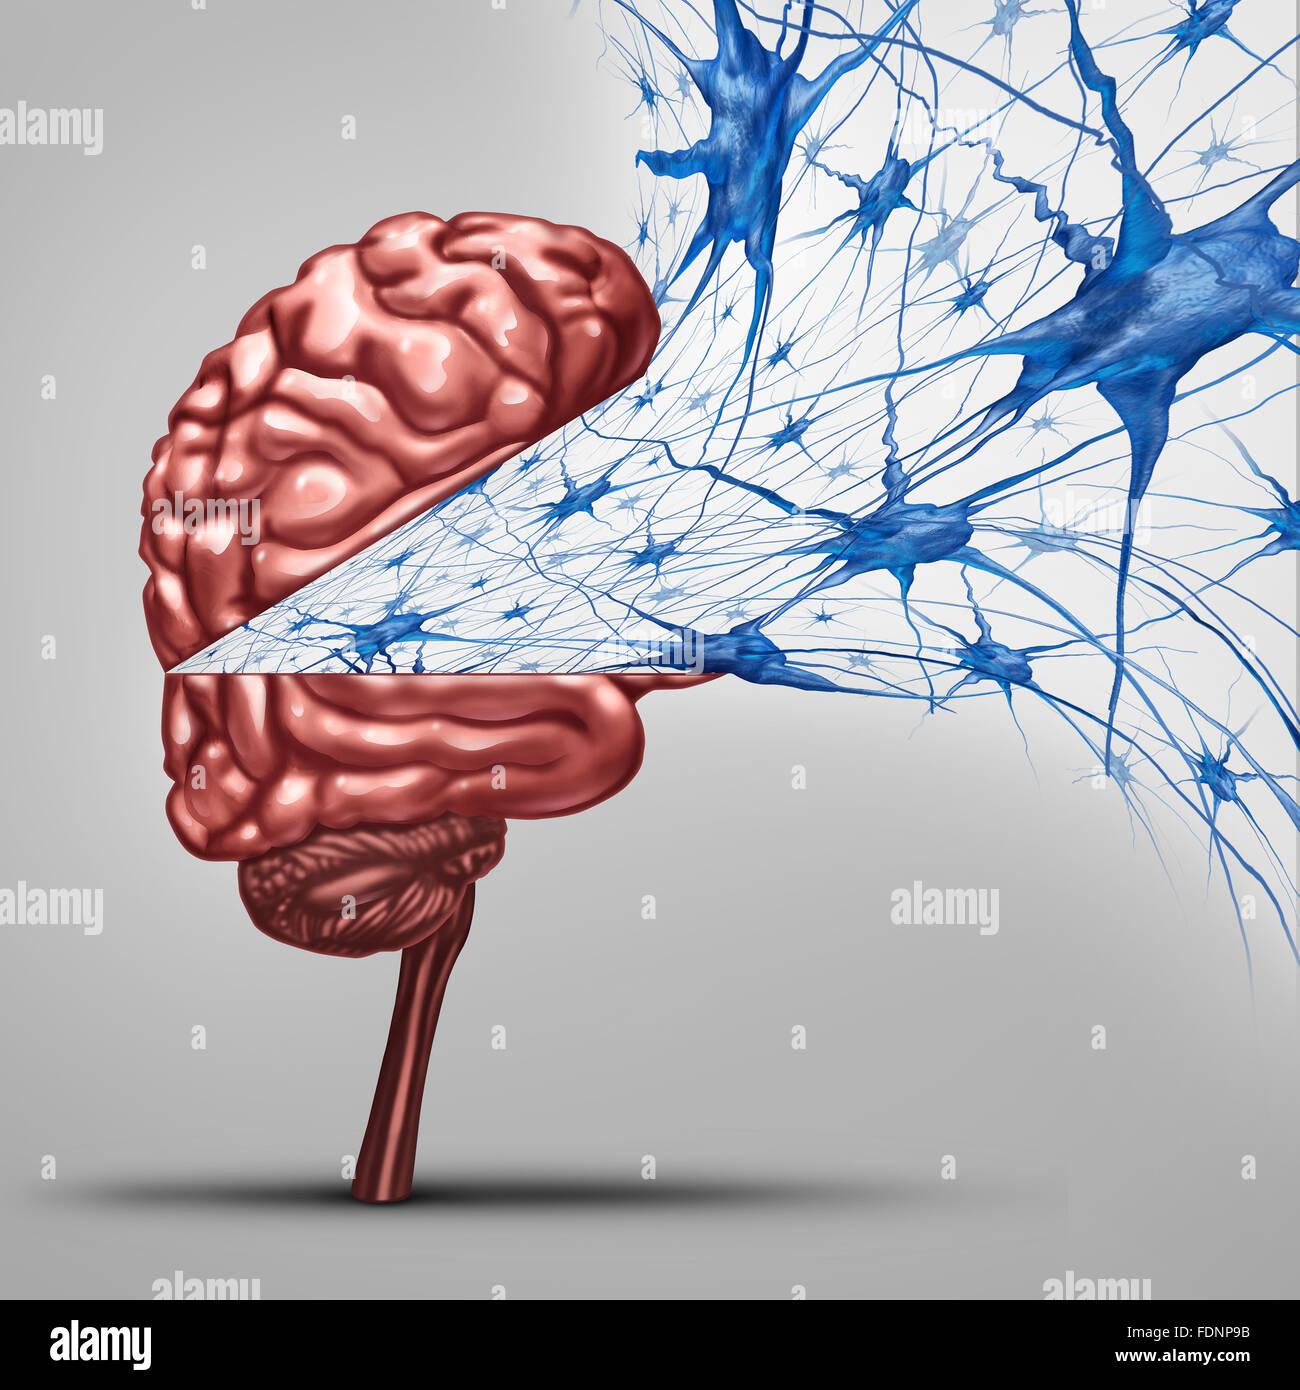 Gehirn-Neuronen-Konzept und menschliche Intelligenz medizinische Symbol dargestellt durch ein offenes Denken Organ Stockbild